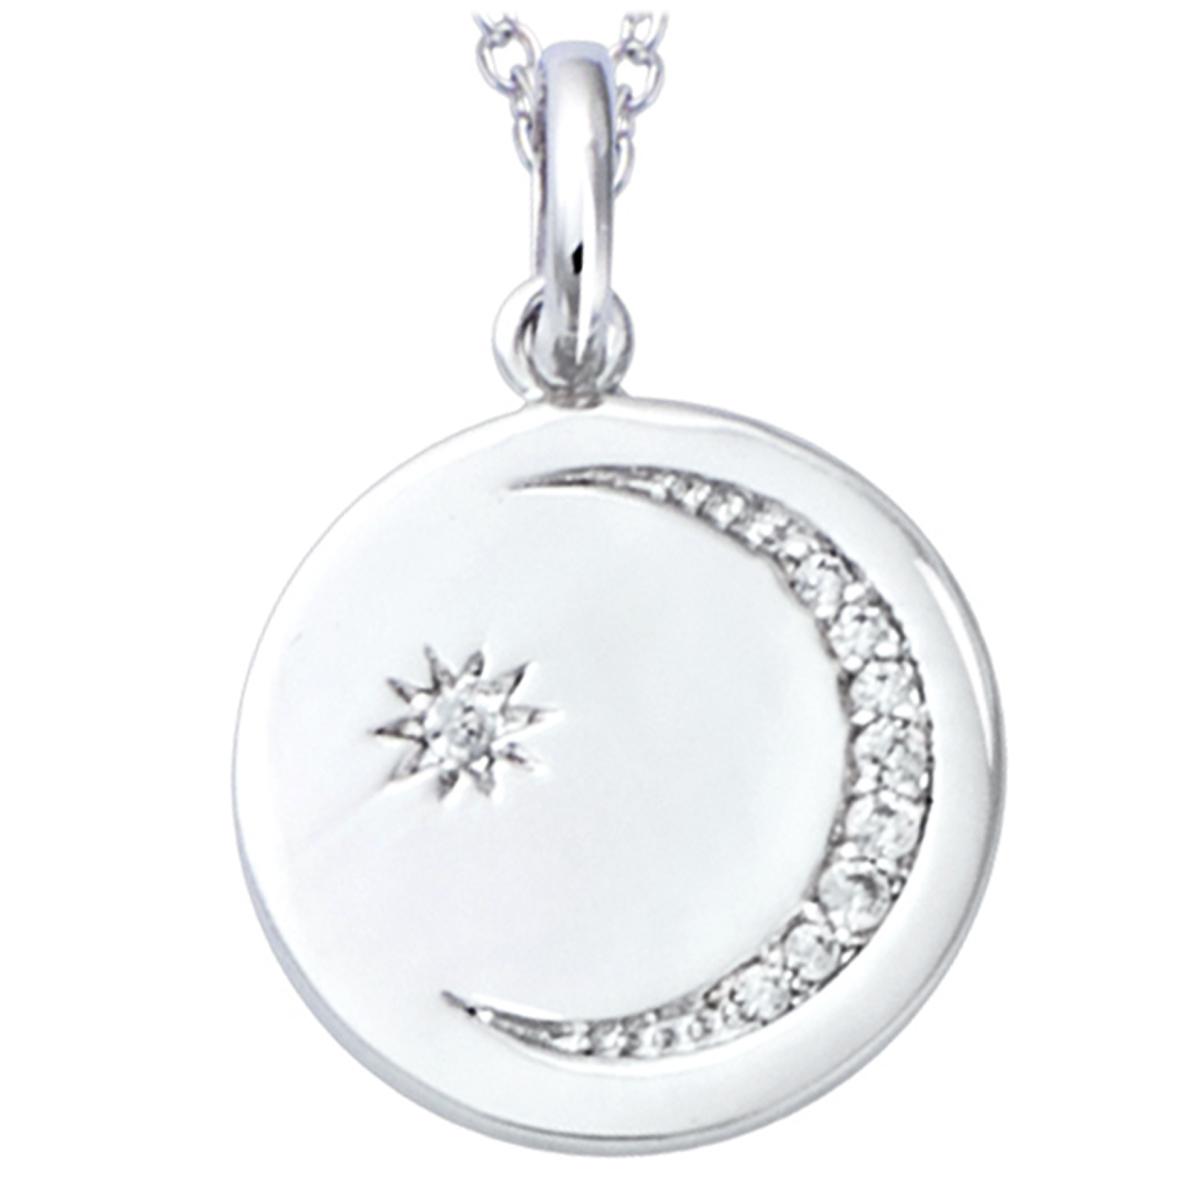 Pendentif Argent \'Au Clair de Lune\' blanc argenté (rhodié) - 15 mm - [R1717]